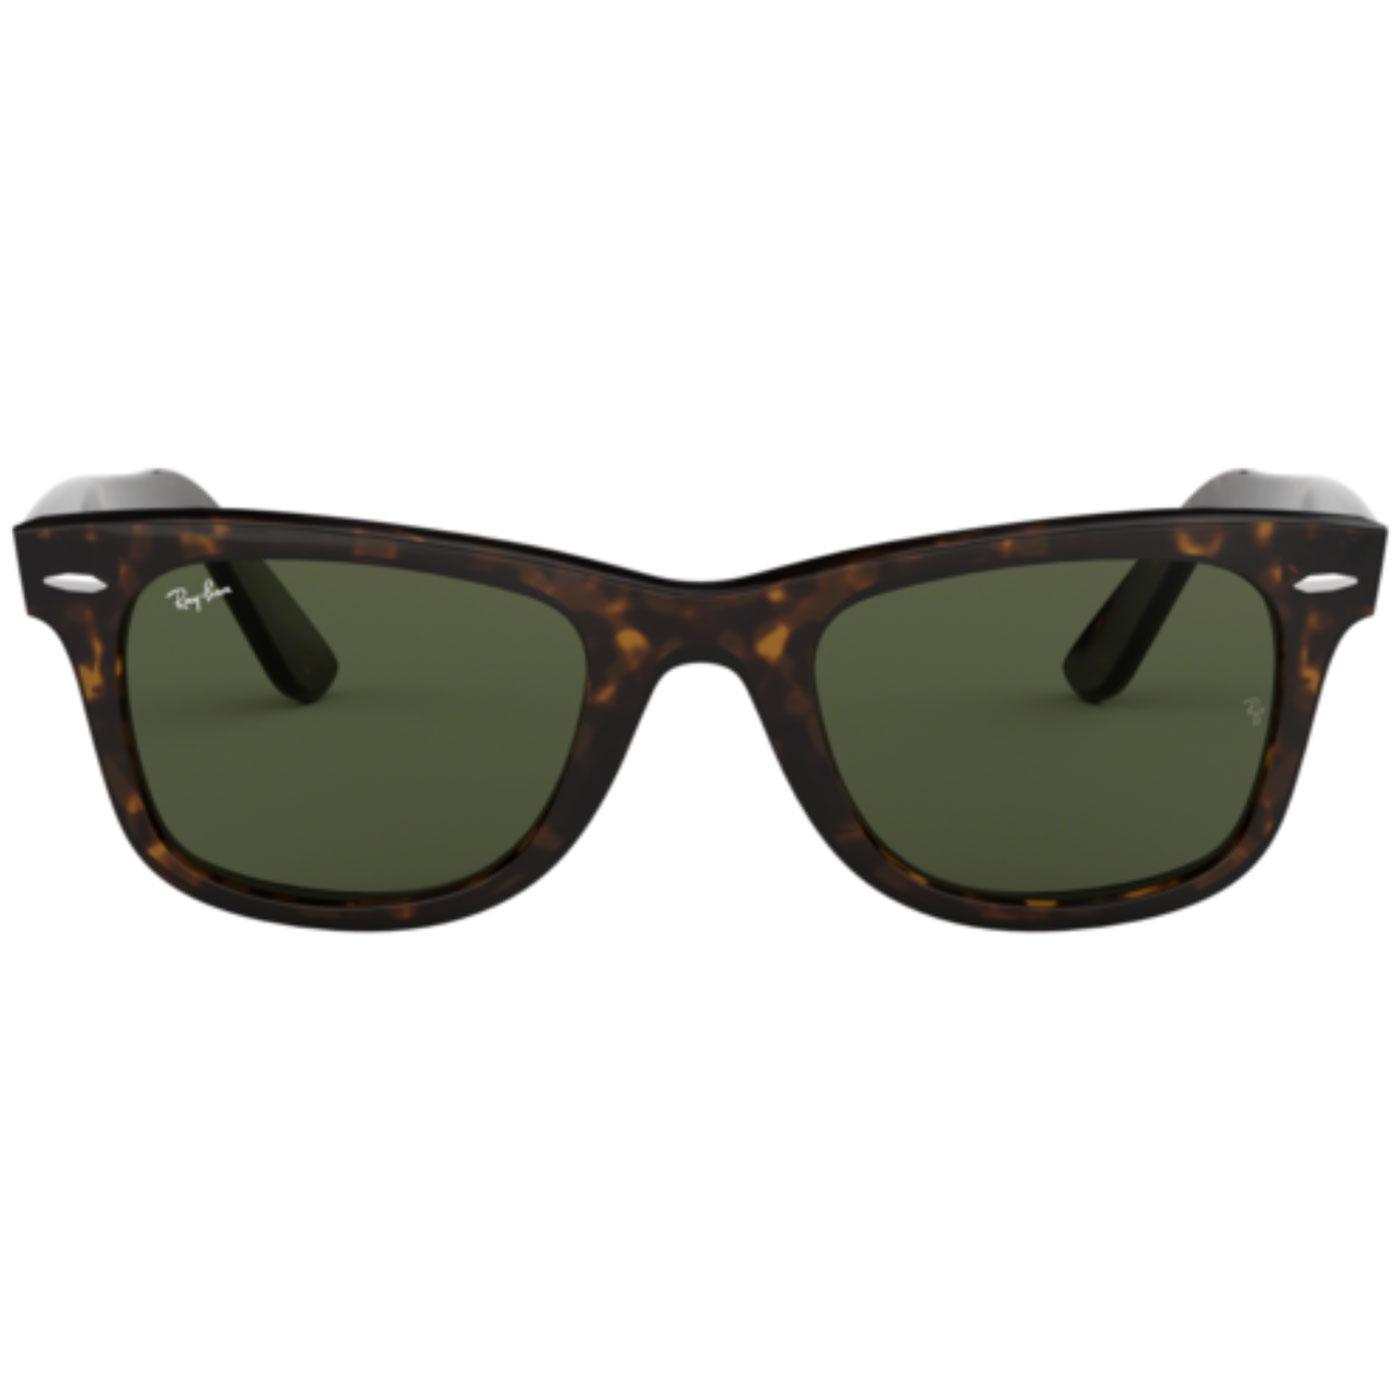 Ray-Ban Original Wayfarer Retro Mod Sunglasses TB